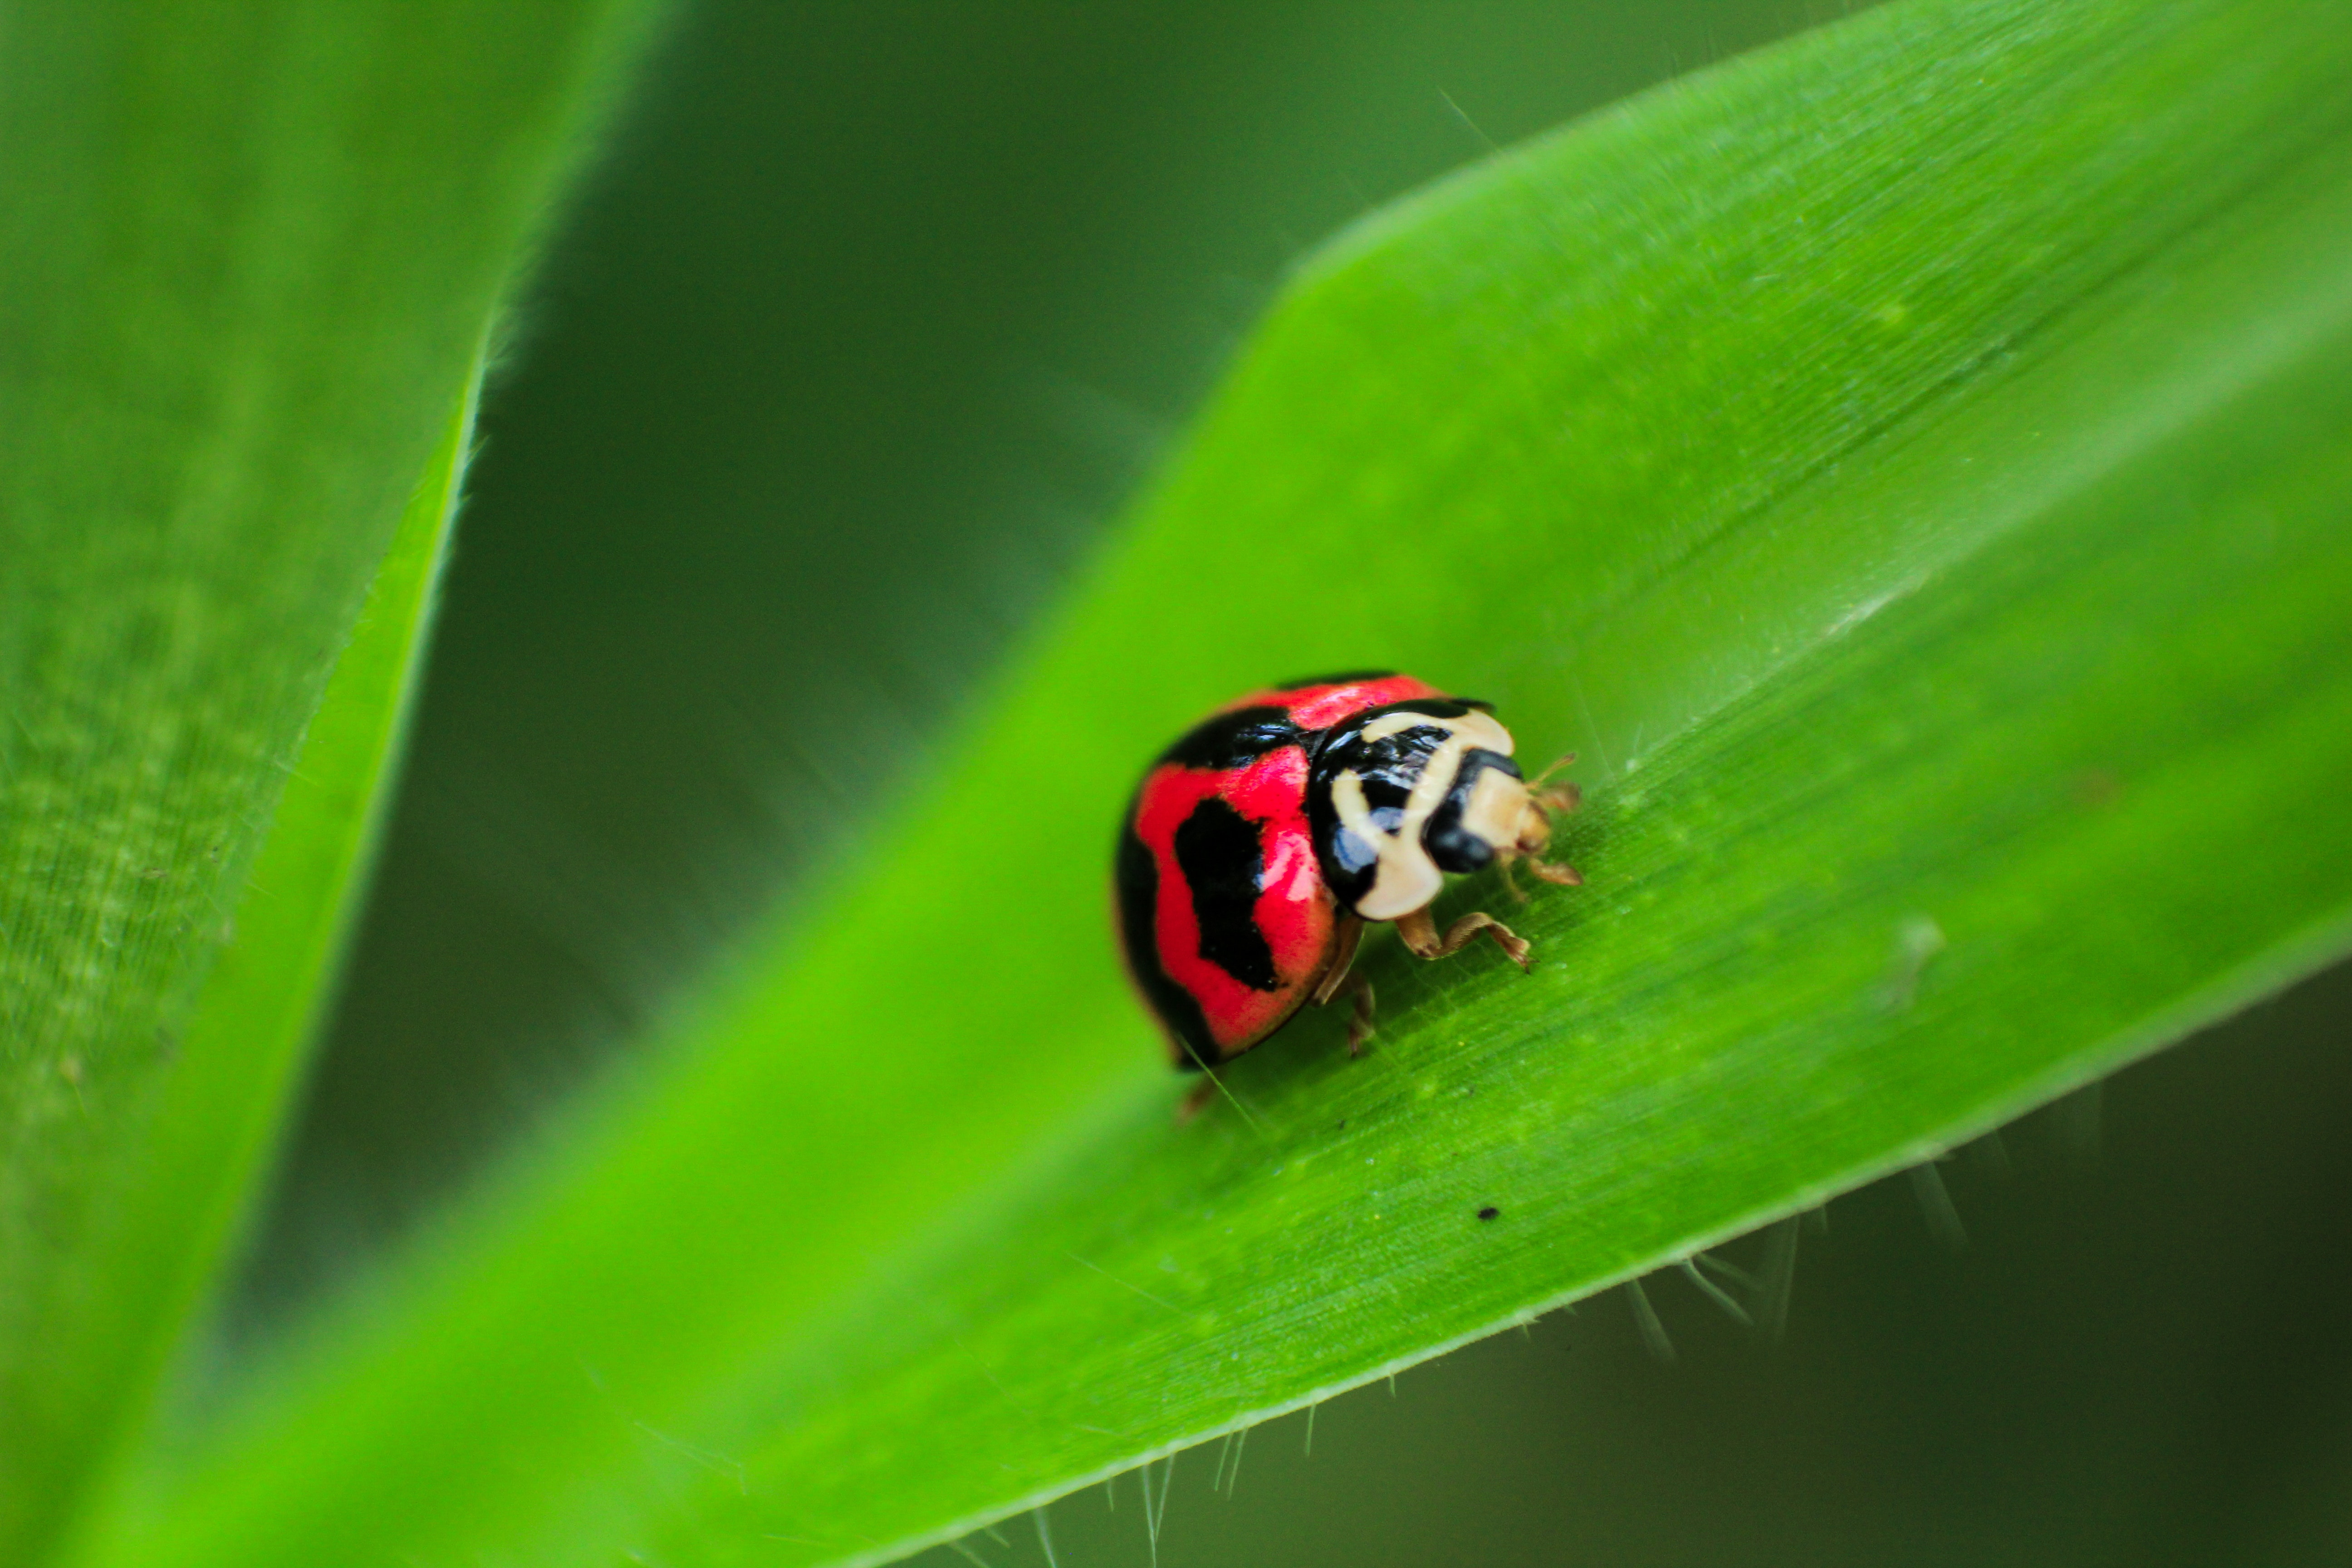 Black and Red Ladybug on Green Leaf, Beetle, Leaf, Summer, Red, HQ Photo